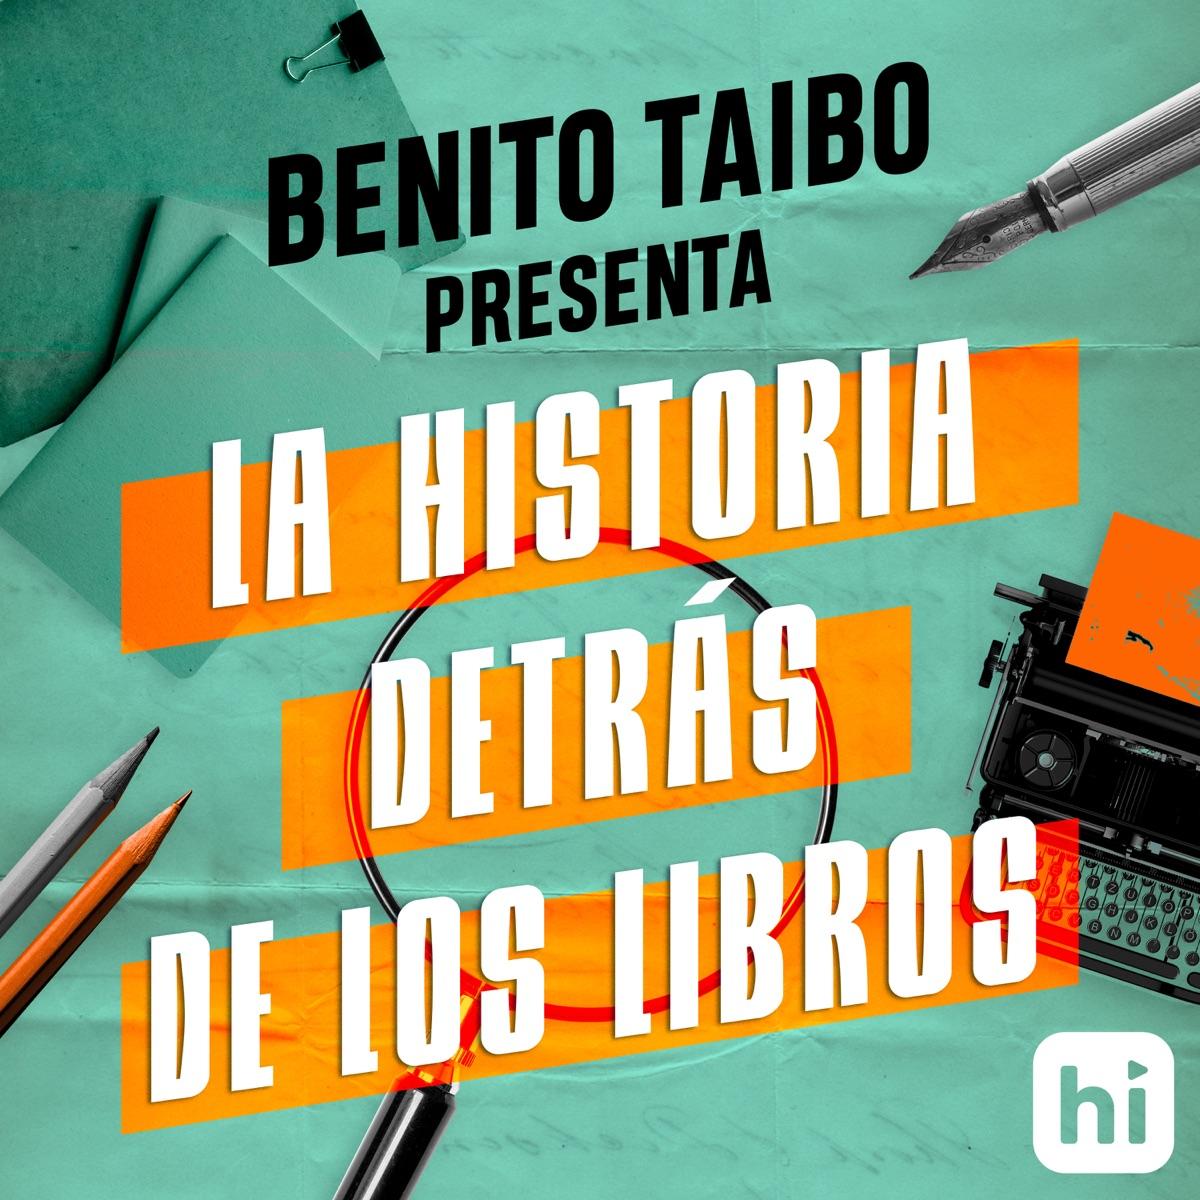 La historia detrás de los libros